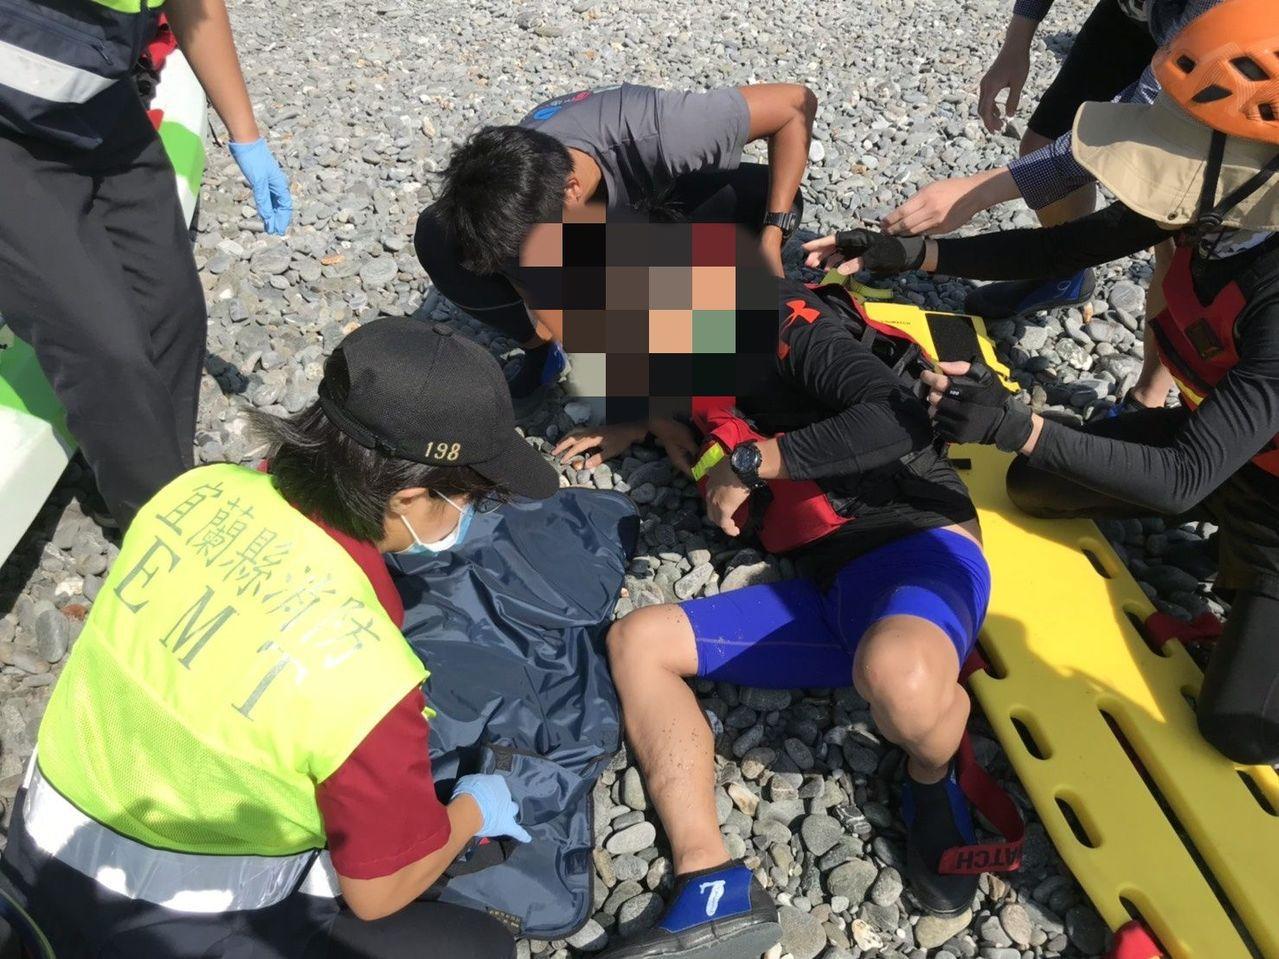 今天上午有遊客在宜蘭東澳灣划獨木舟,其中一艘船翻覆,造成遊客骨折。 圖/縣消防局...